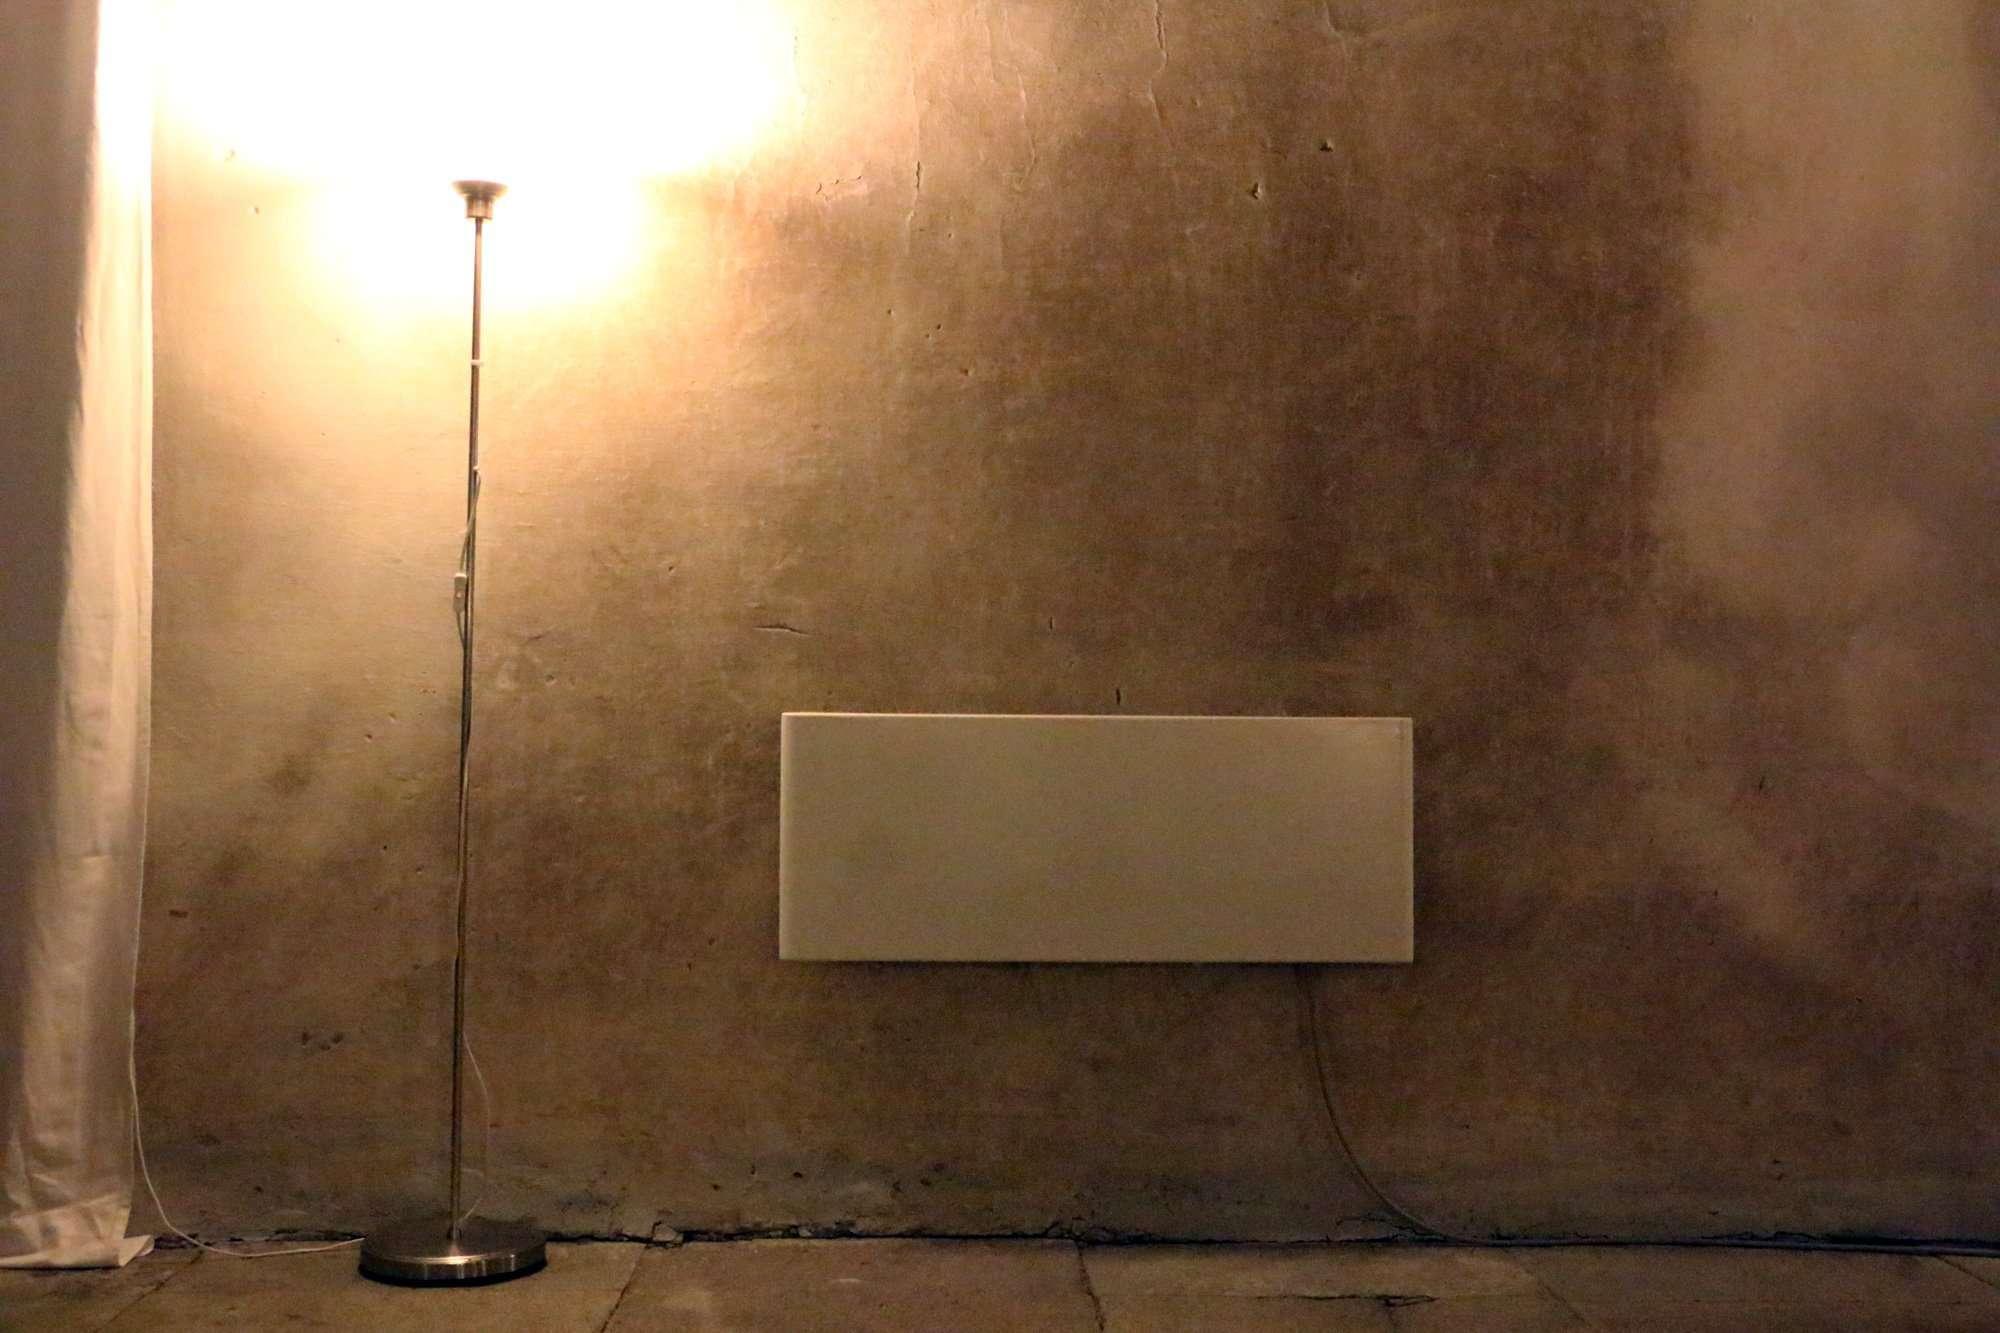 Tenuta vistorta lo stile classico incontra il calore for Radiatori elettrici norvegesi